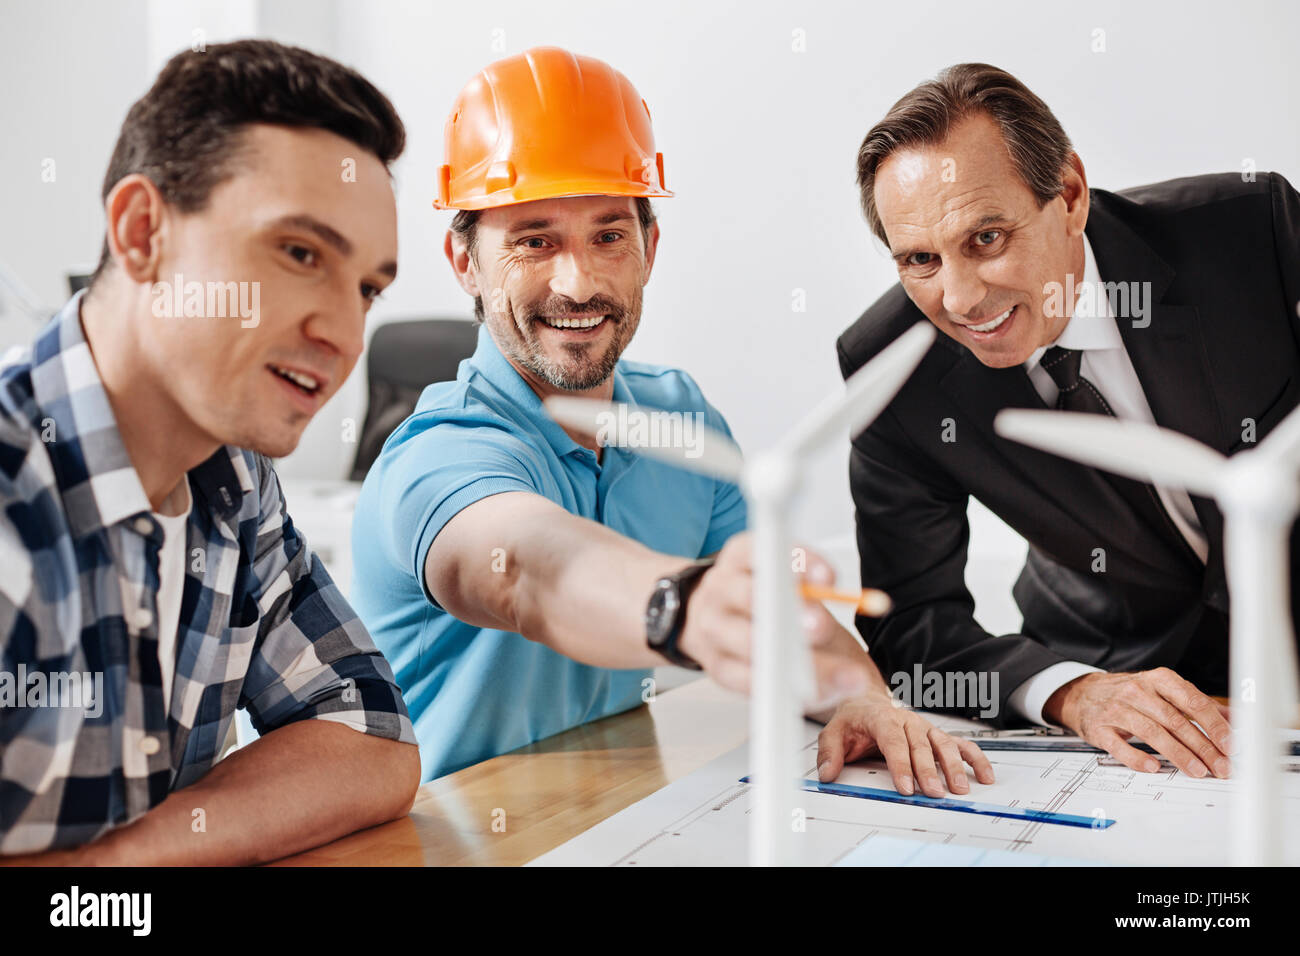 Brillante idea. Setole piacevole uomo in un elmetto puntando a una turbina eolica mentre i suoi colleghi seduti accanto a lui e guardando attentamente l'mostrato Immagini Stock